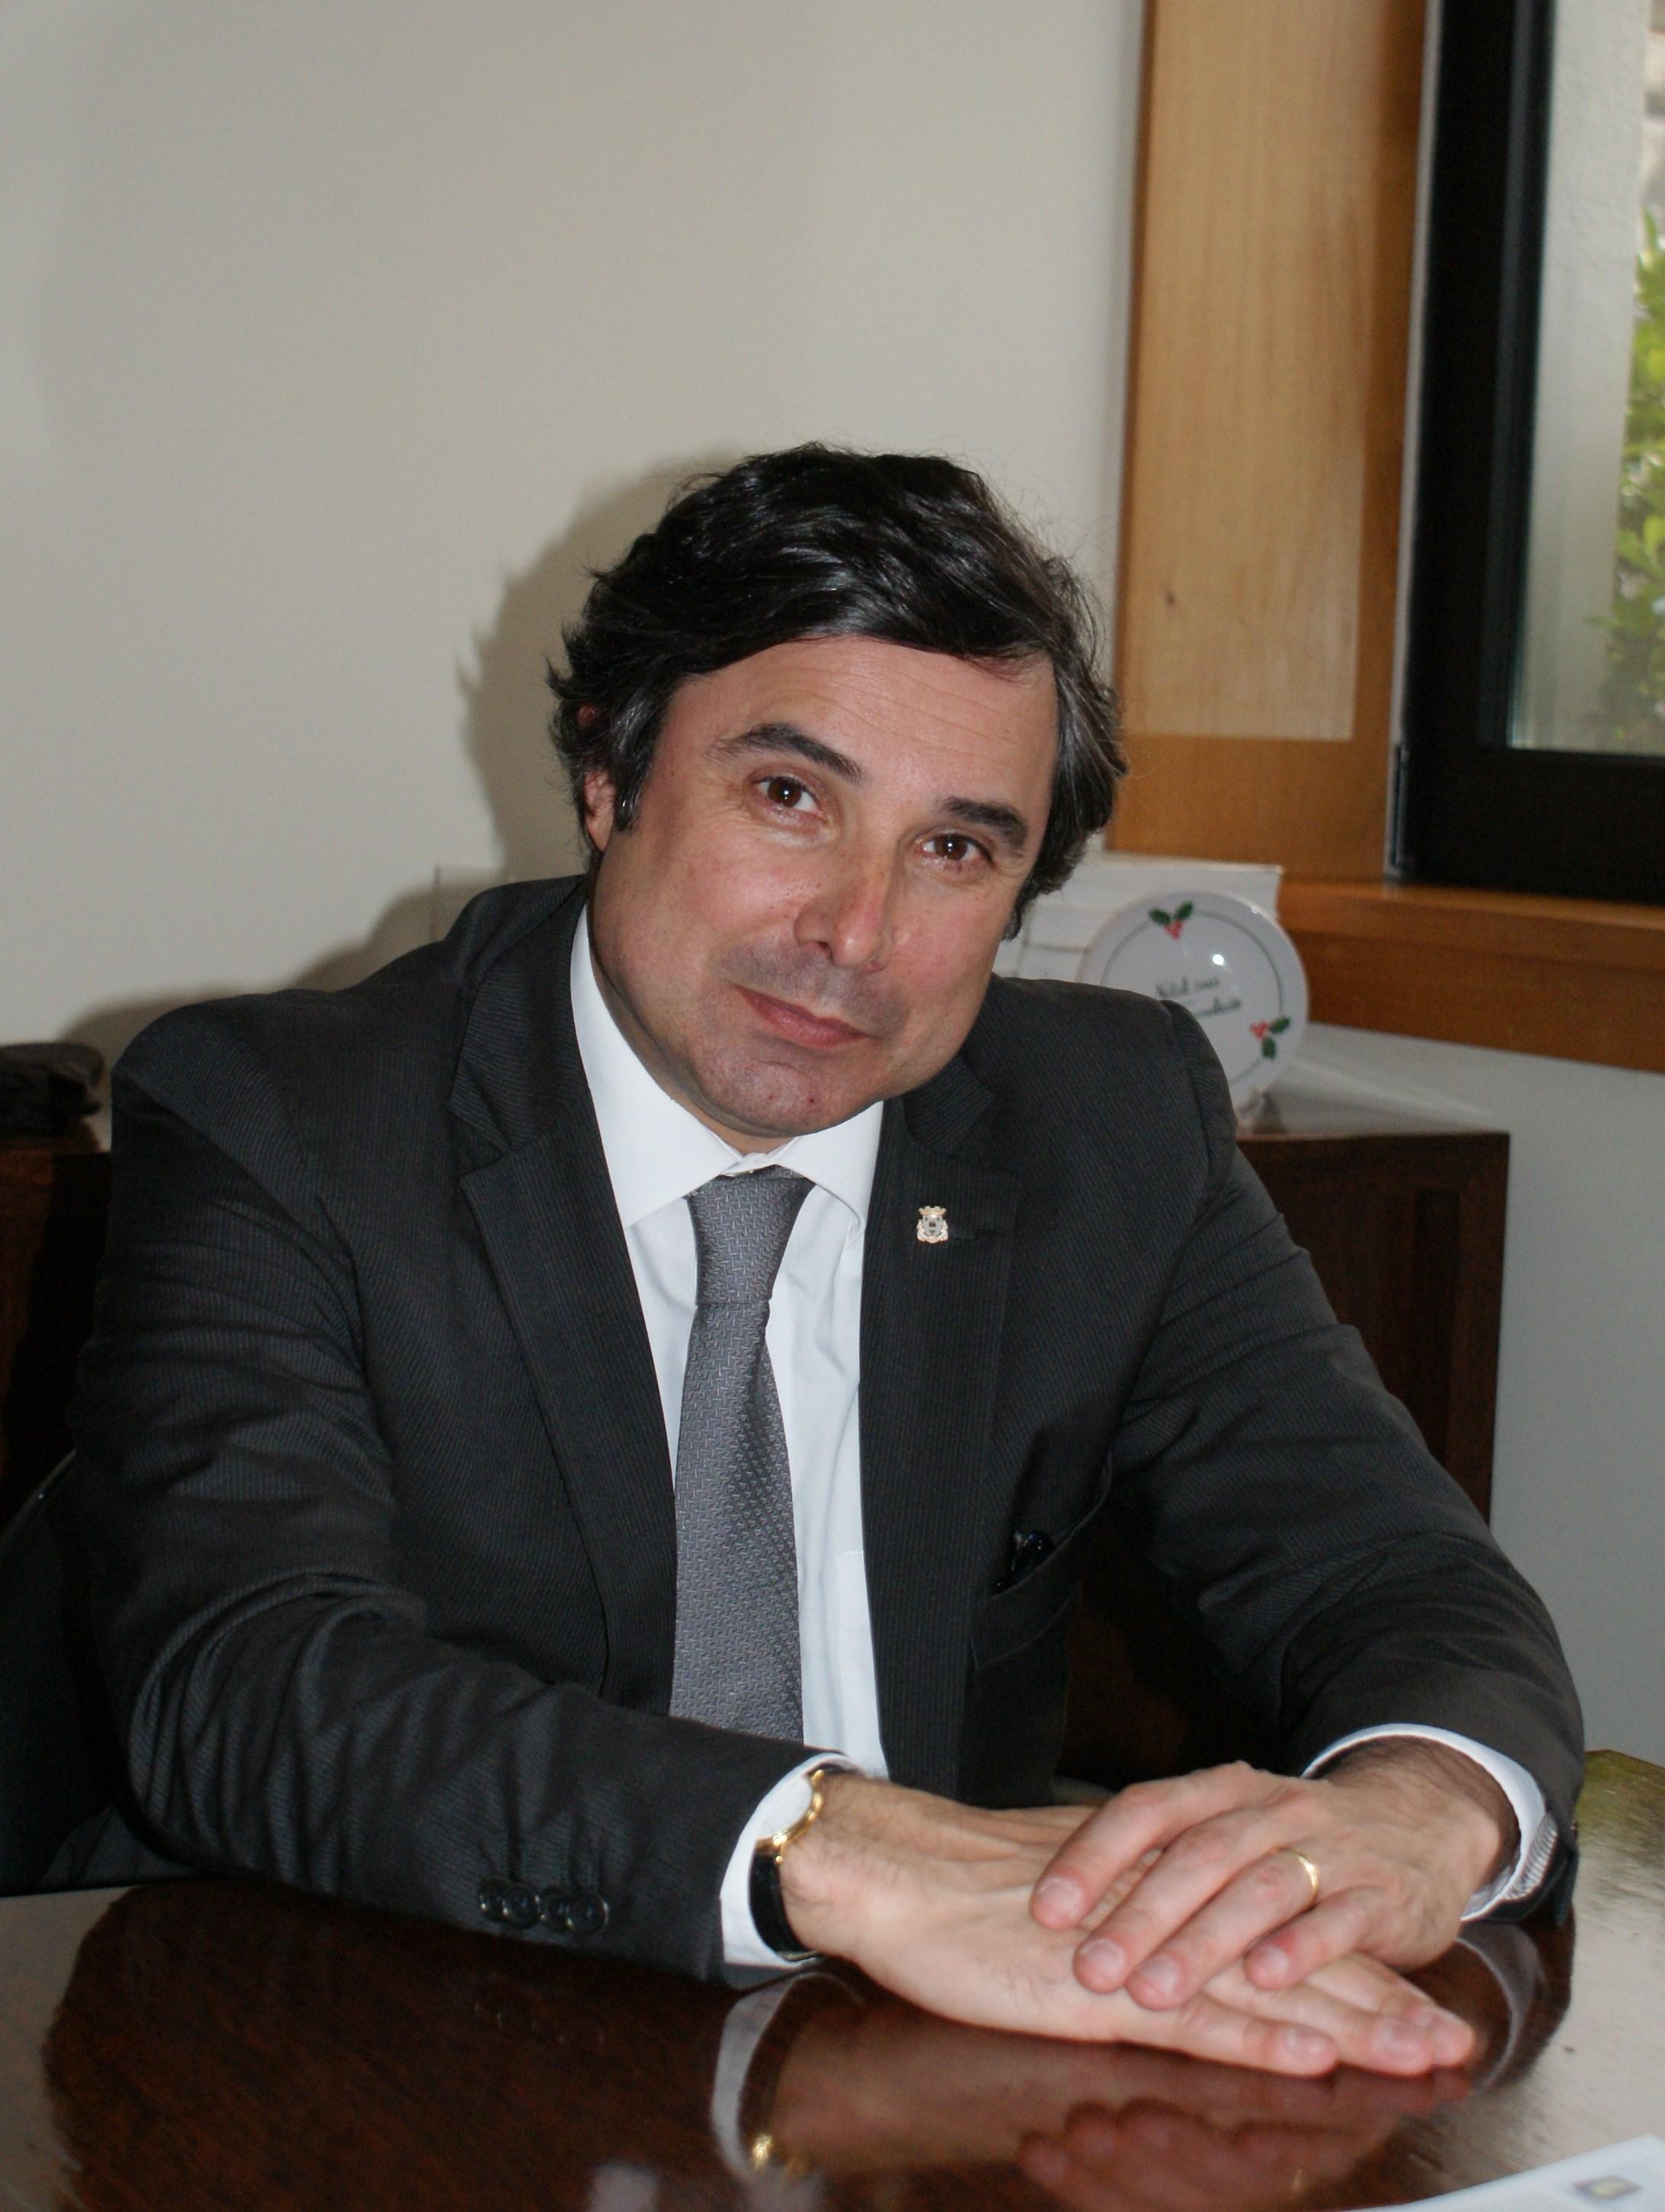 Silvestre Ivo Sá Machado